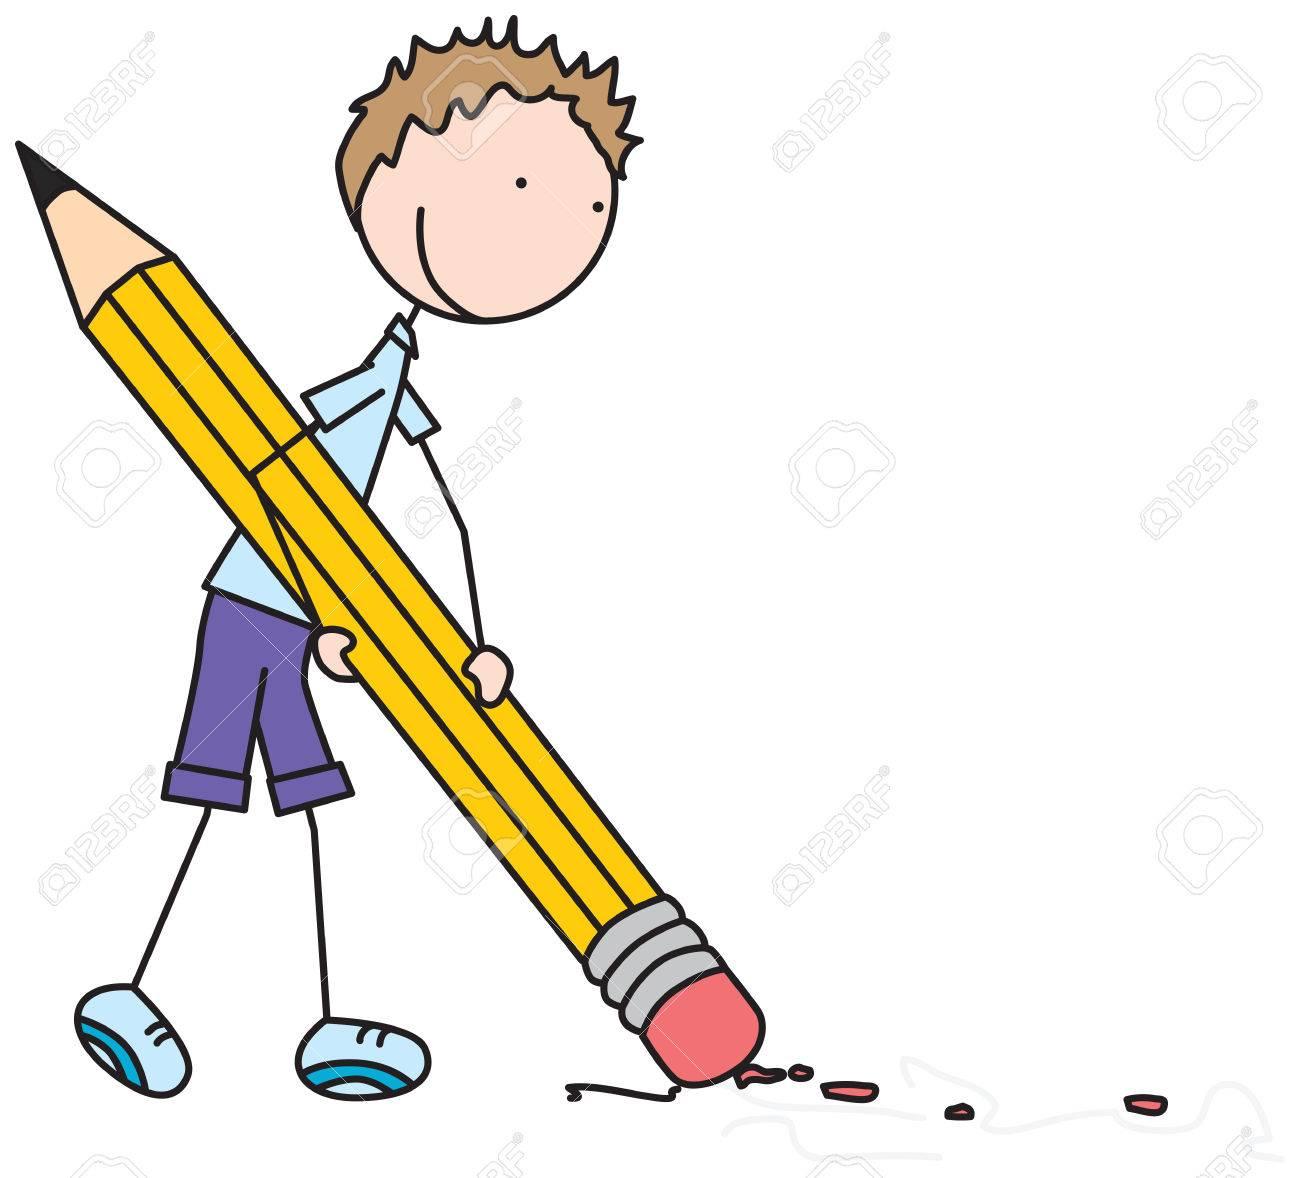 Karikaturillustration Eines Jungen, Der Großen Bleistift Hält Und ...